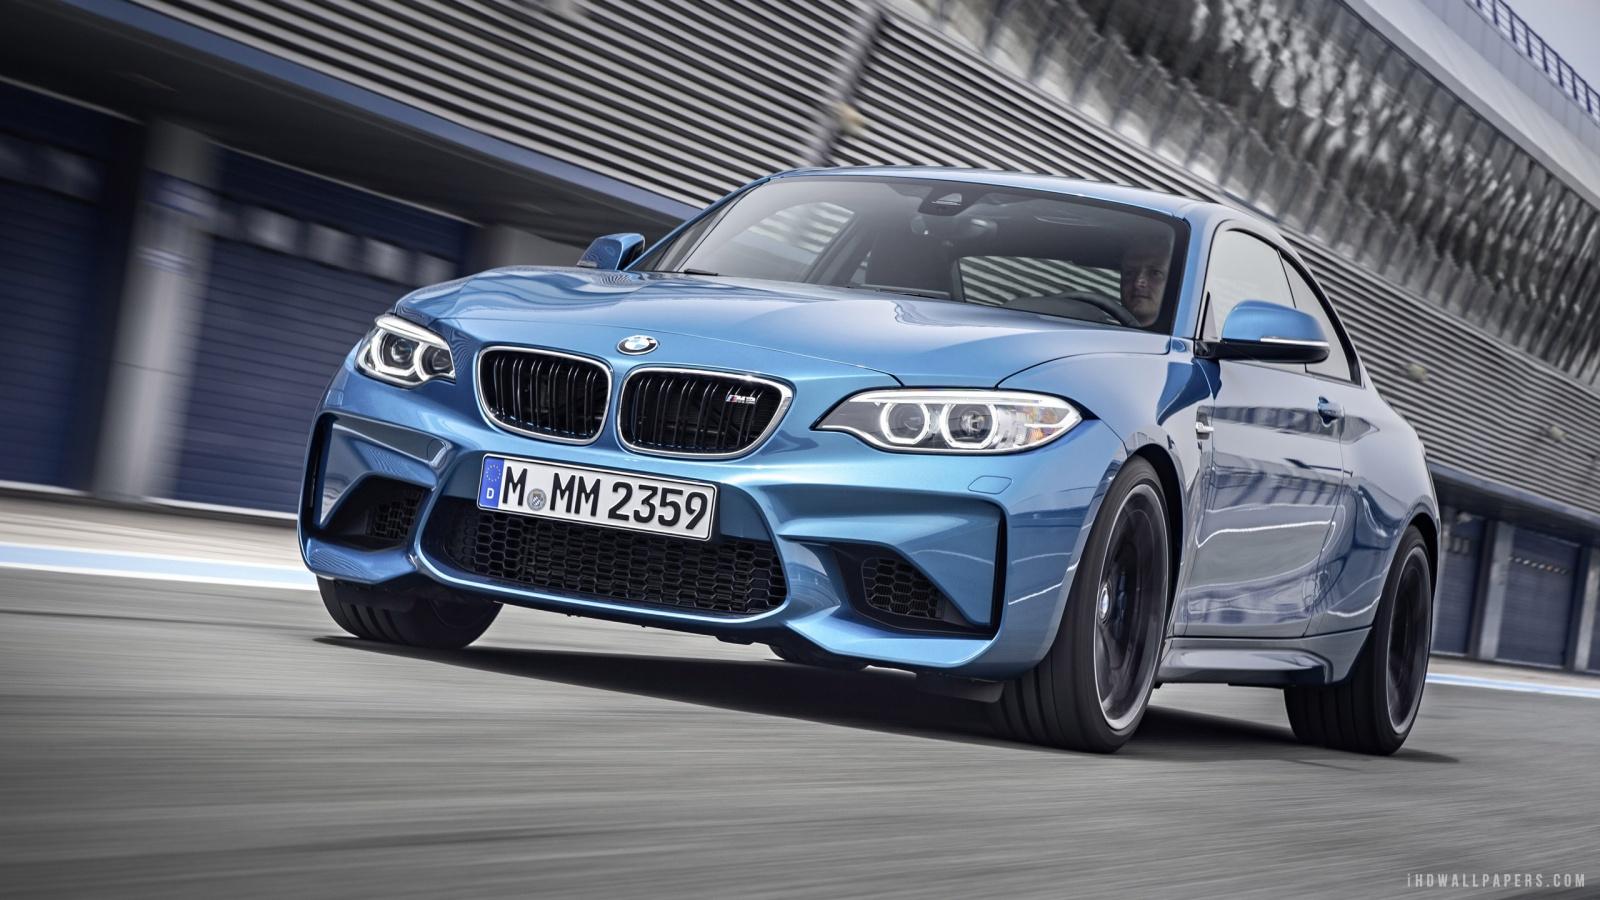 BMW M2 2016 HD Wallpaper   iHD Wallpapers 1600x900